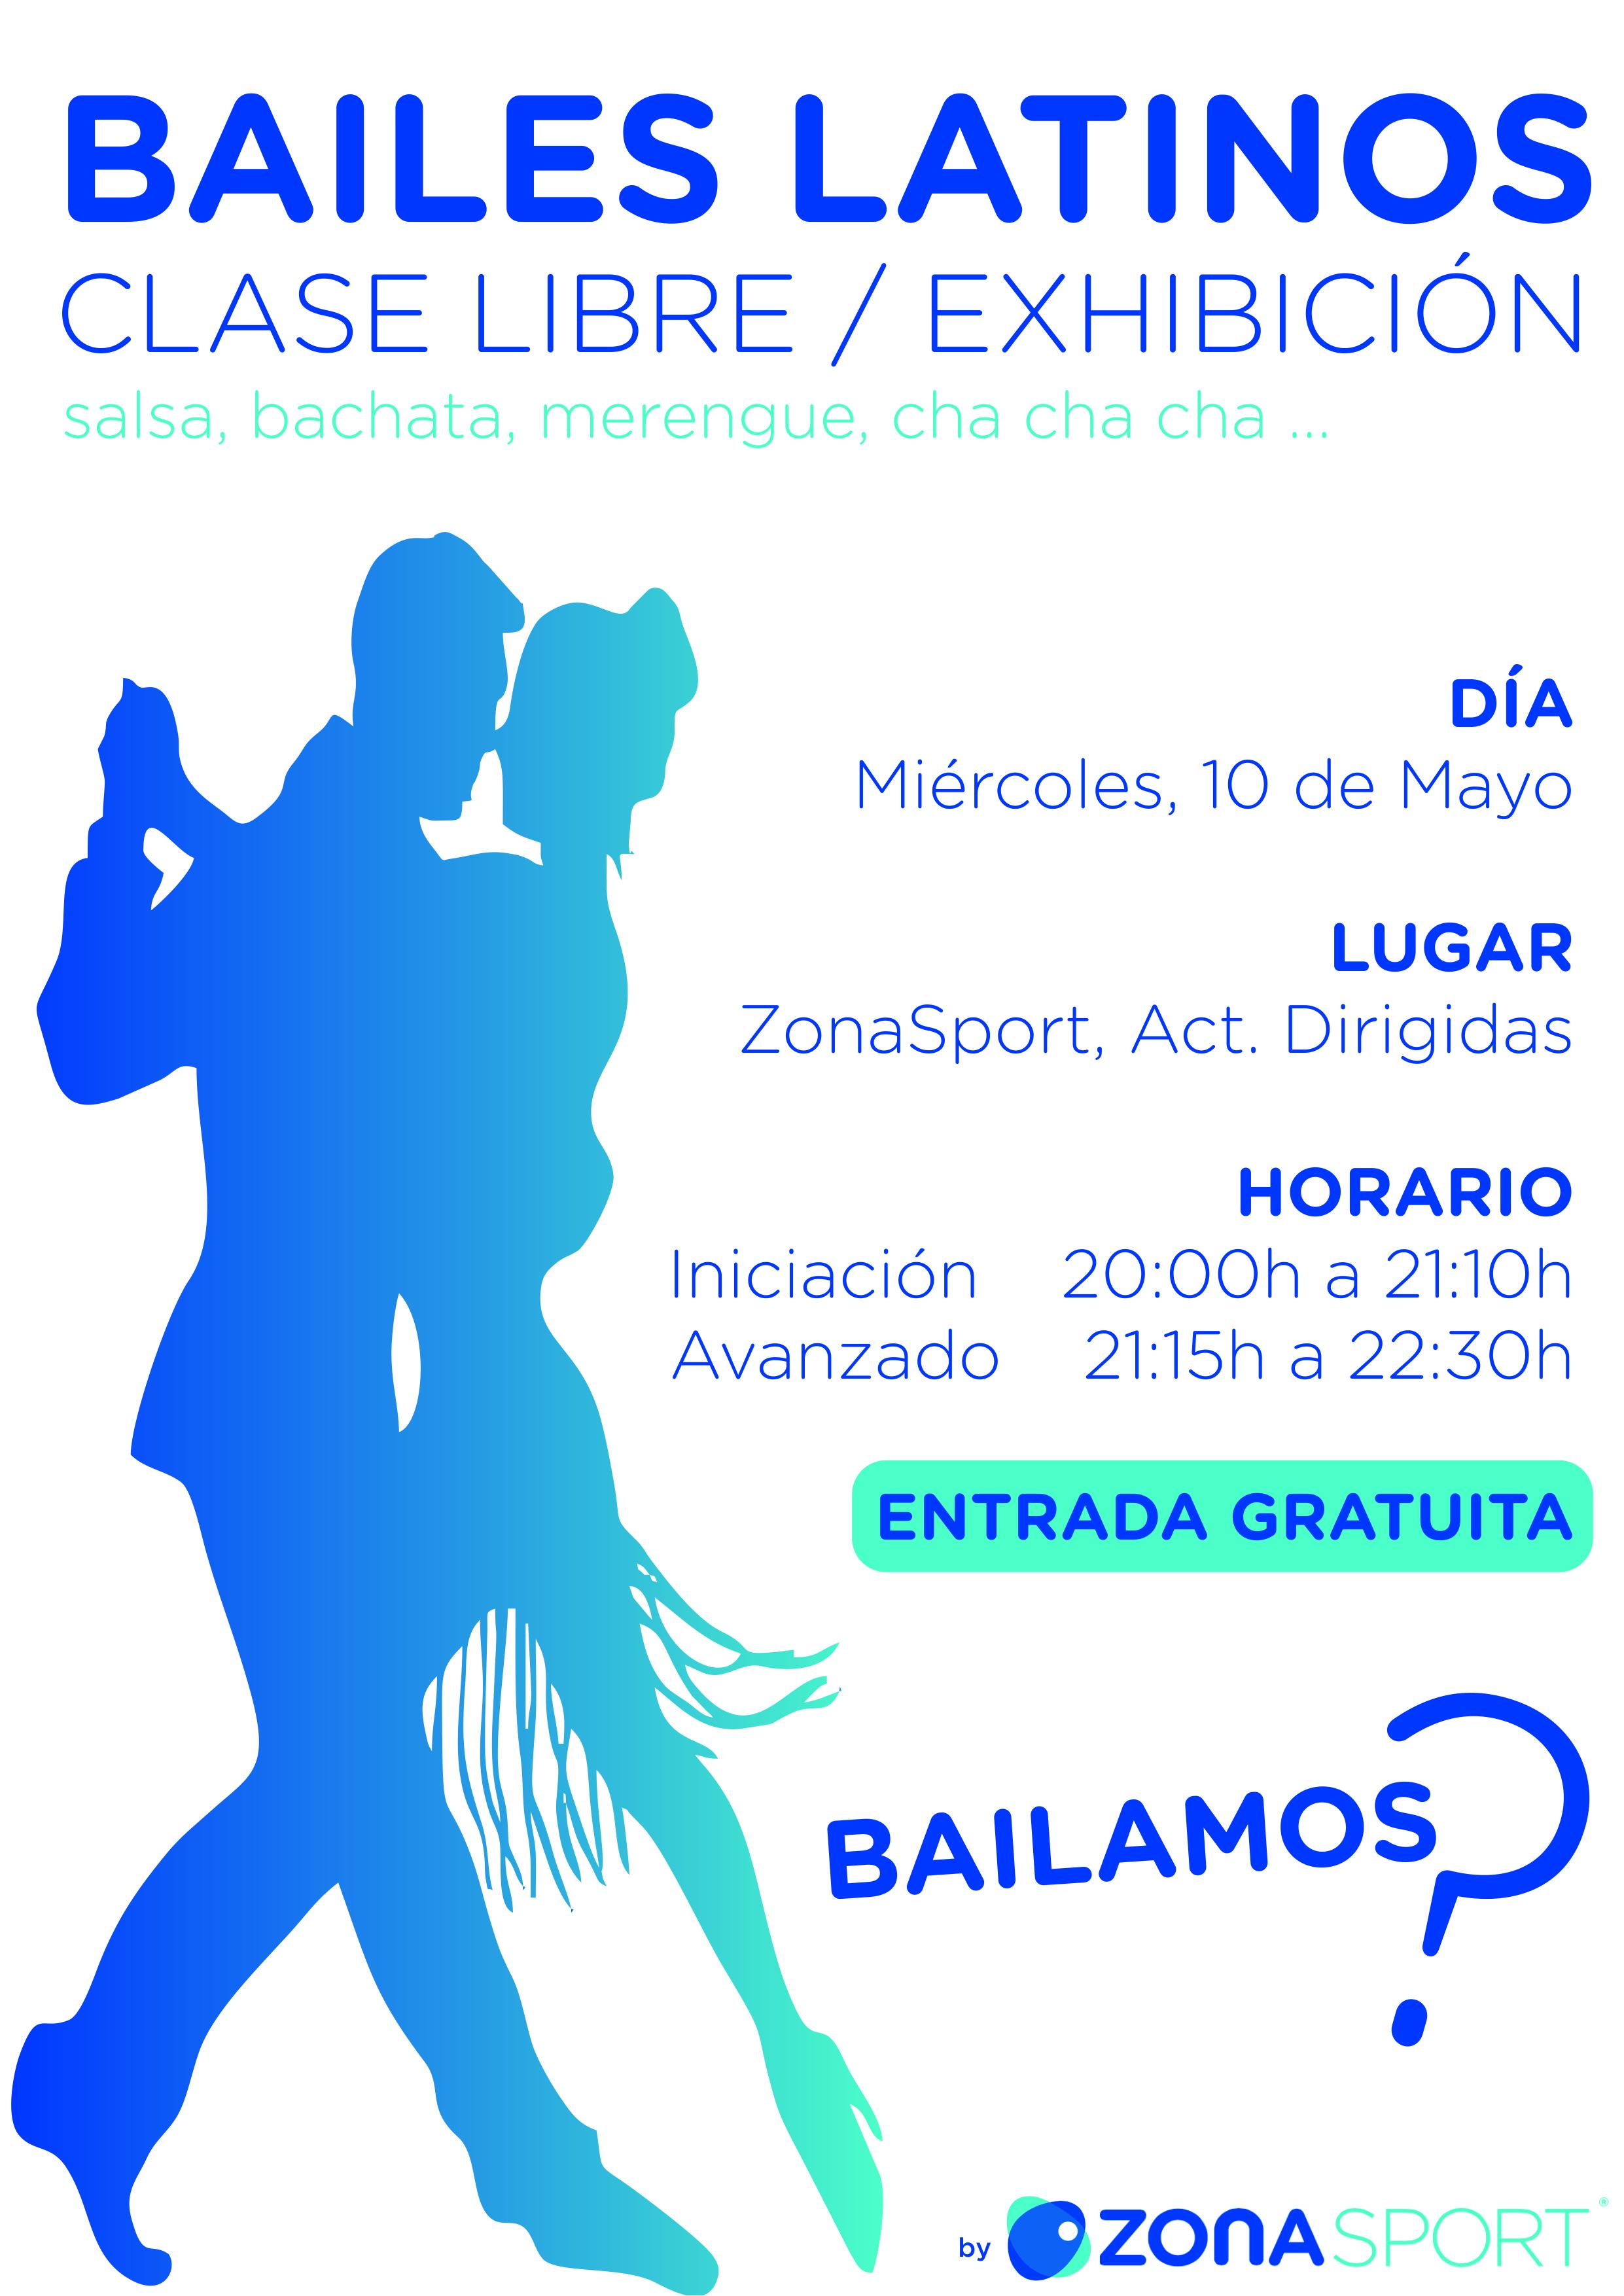 BAILES LATINOS mx